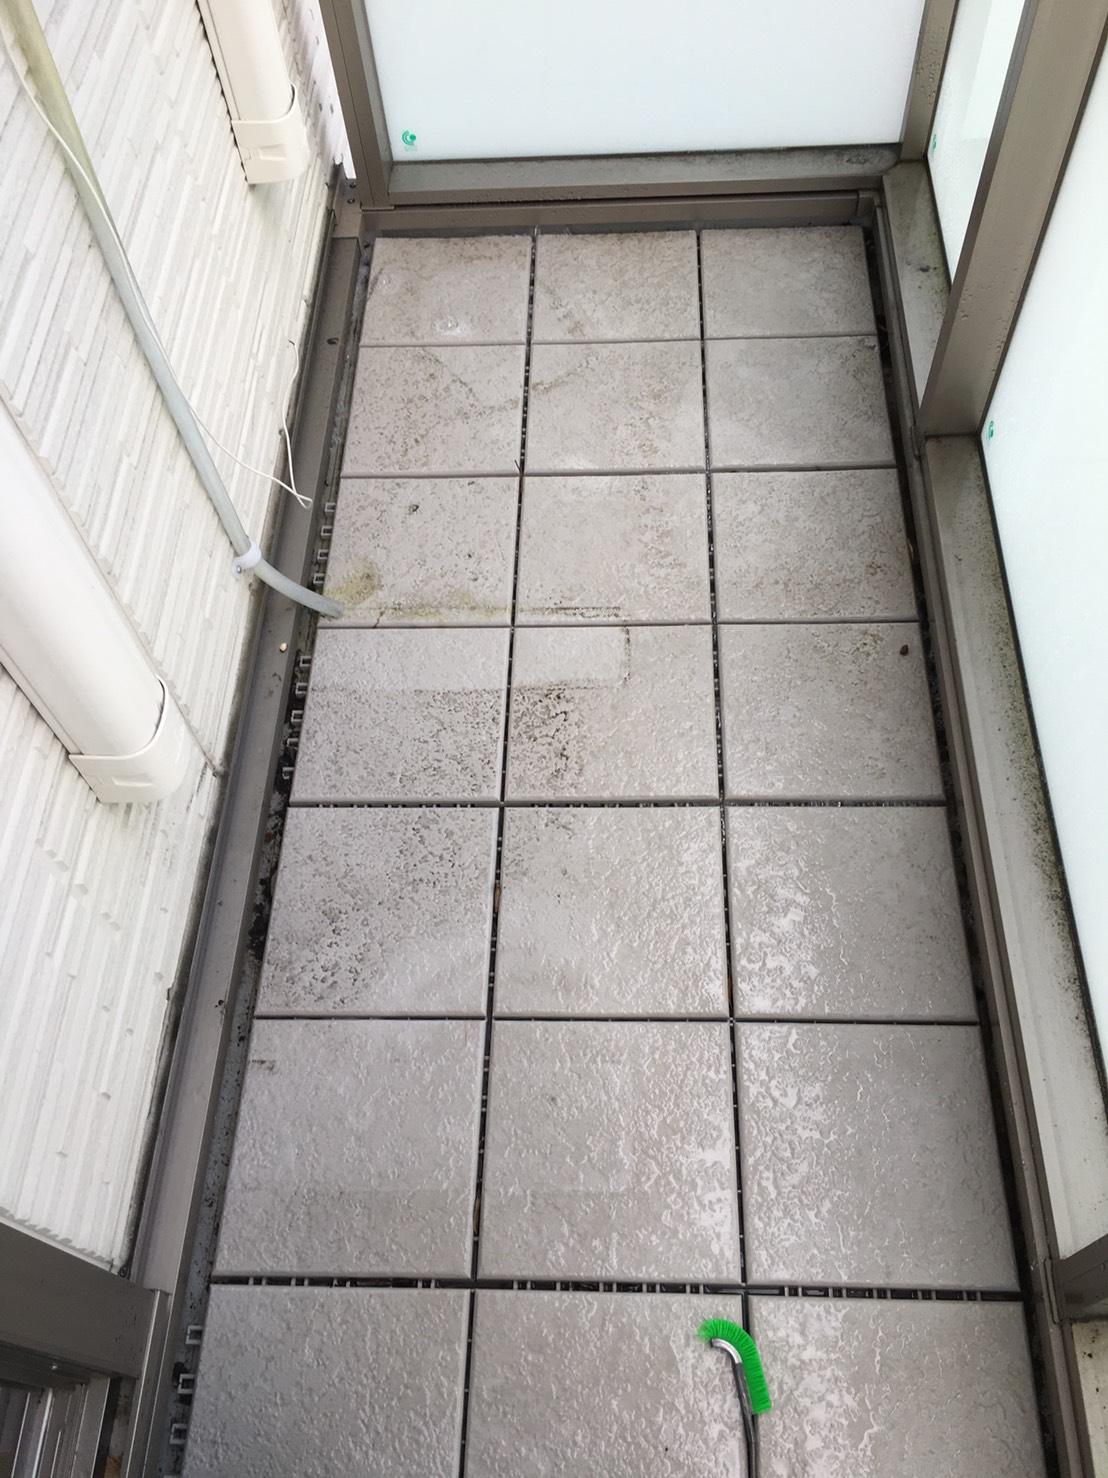 夏に向けて★バルコニー・タイルの清掃対応しています。少し暖かい日にベランダをきれいにしてスッキリ!